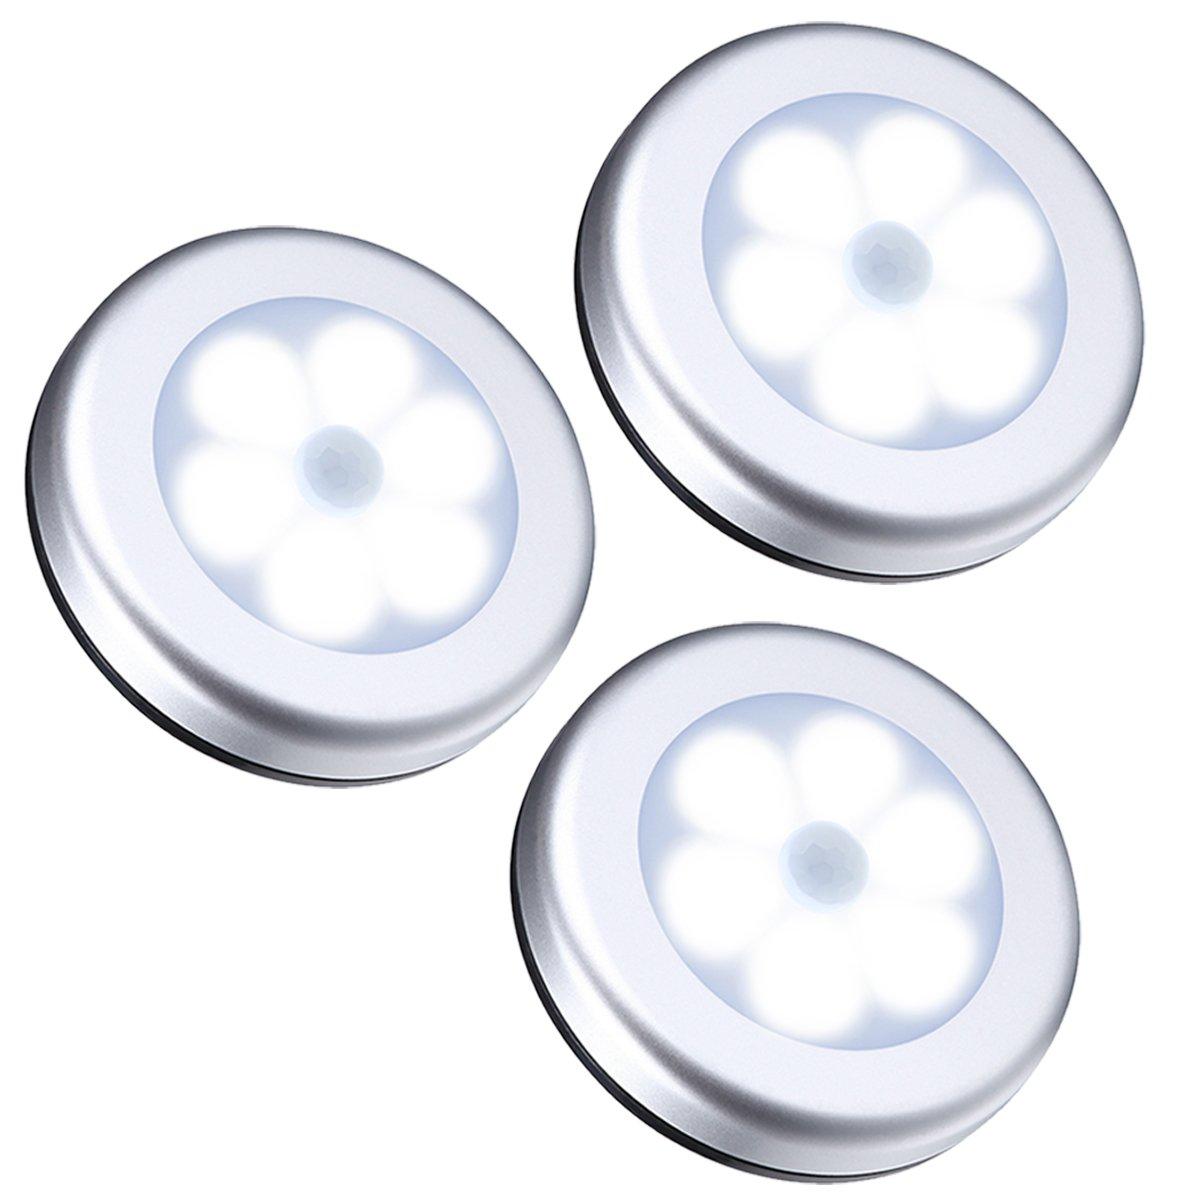 【Neue Version】AMIR Nachtlicht mit Bewegungsmelder (3 Stück, Weiß), 6 LED Bewegungsmelder Licht, Auto EIN/AUS Led beleuchtung sensor, Batteriebetrieben Schranklicht , Schrankleuchten für Flur, Schlafzimmer, Küche(Silber) Weiß) Küche(Silber)